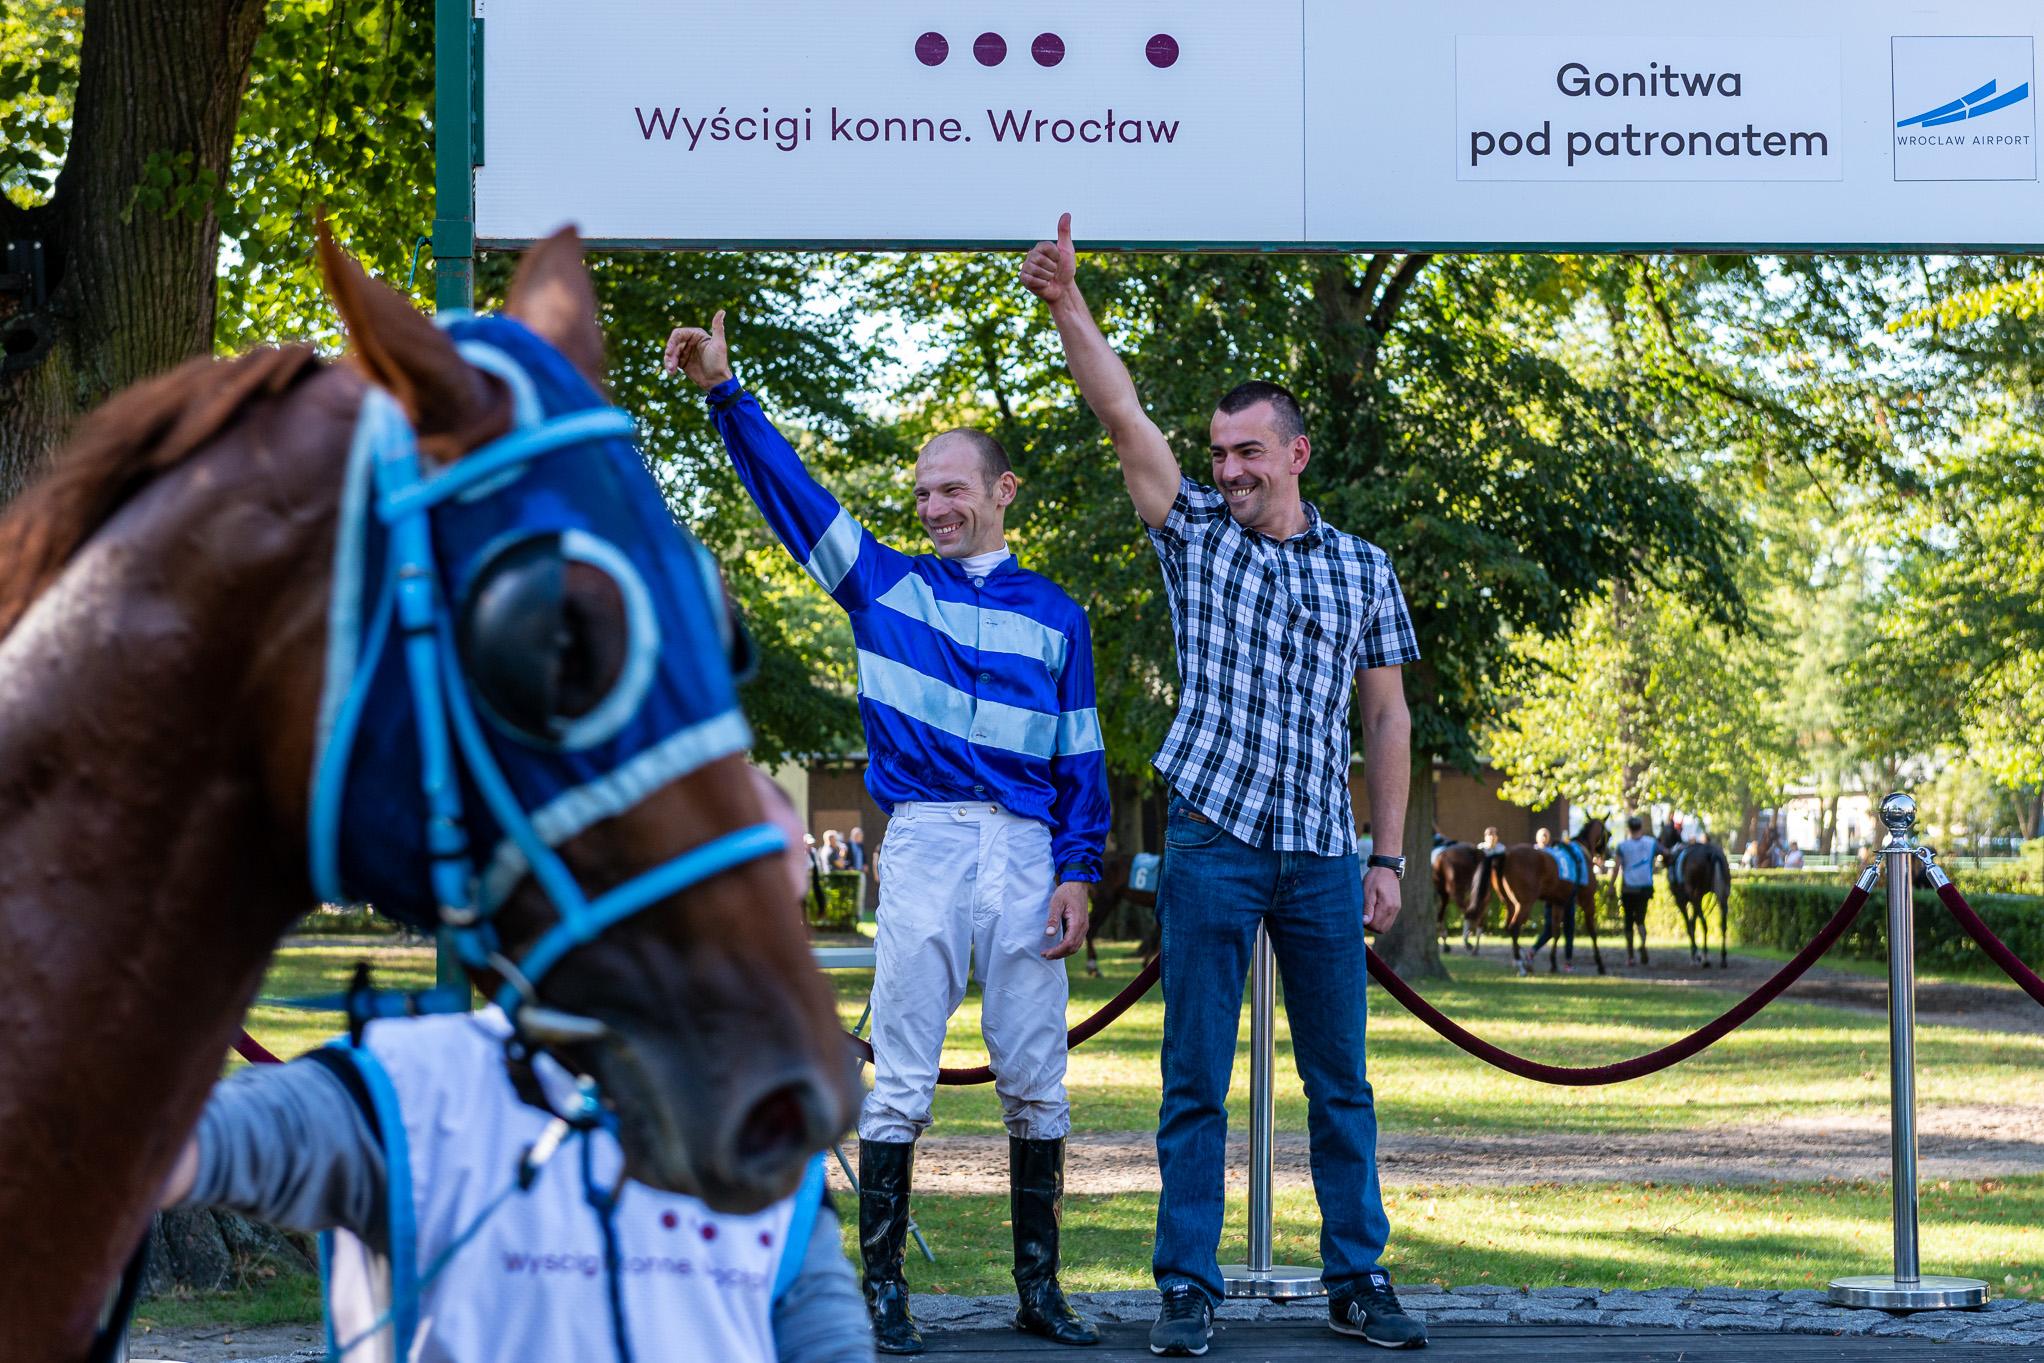 img: Konie w dobrej kondycji